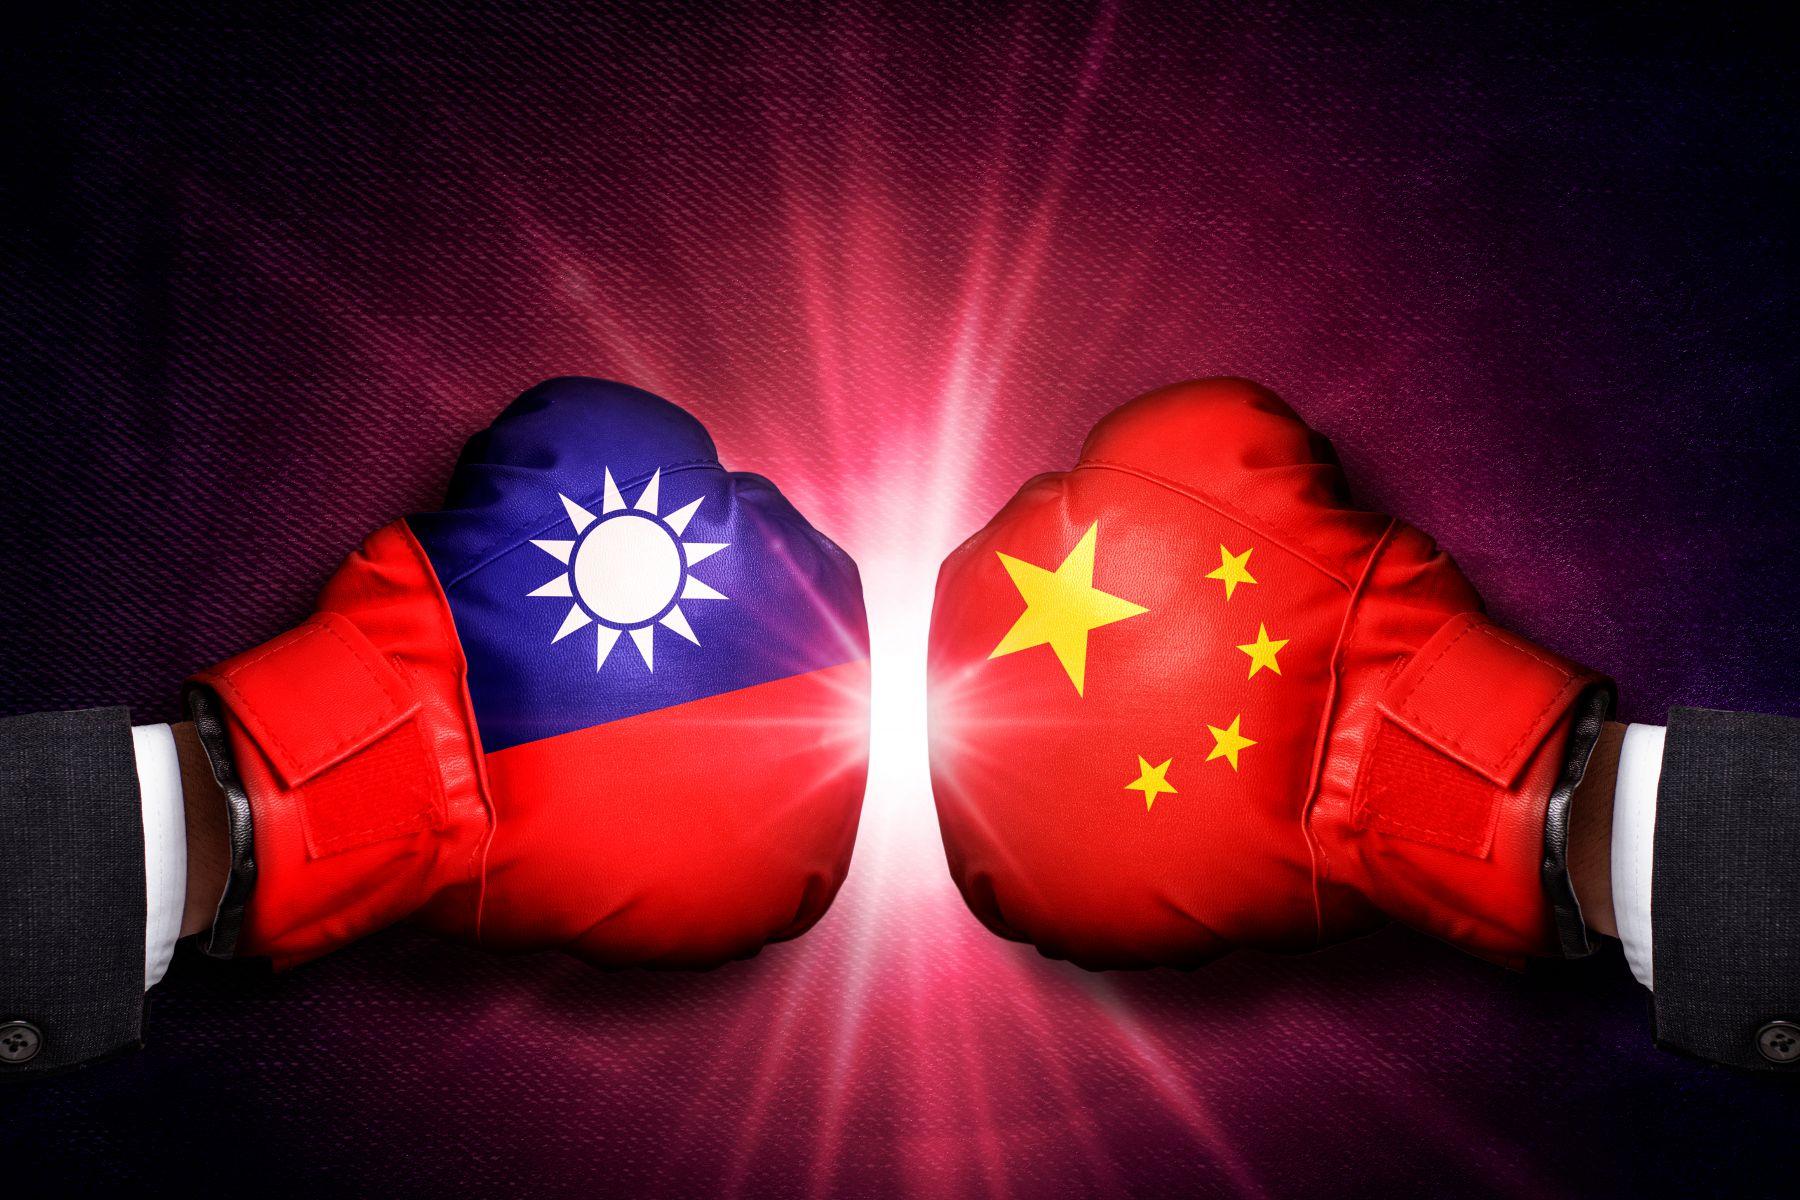 「所有連假都是中國駭客攻擊台灣的重要時刻!」 5月全台加油站大當機 調查局攜手FBI三個月破案